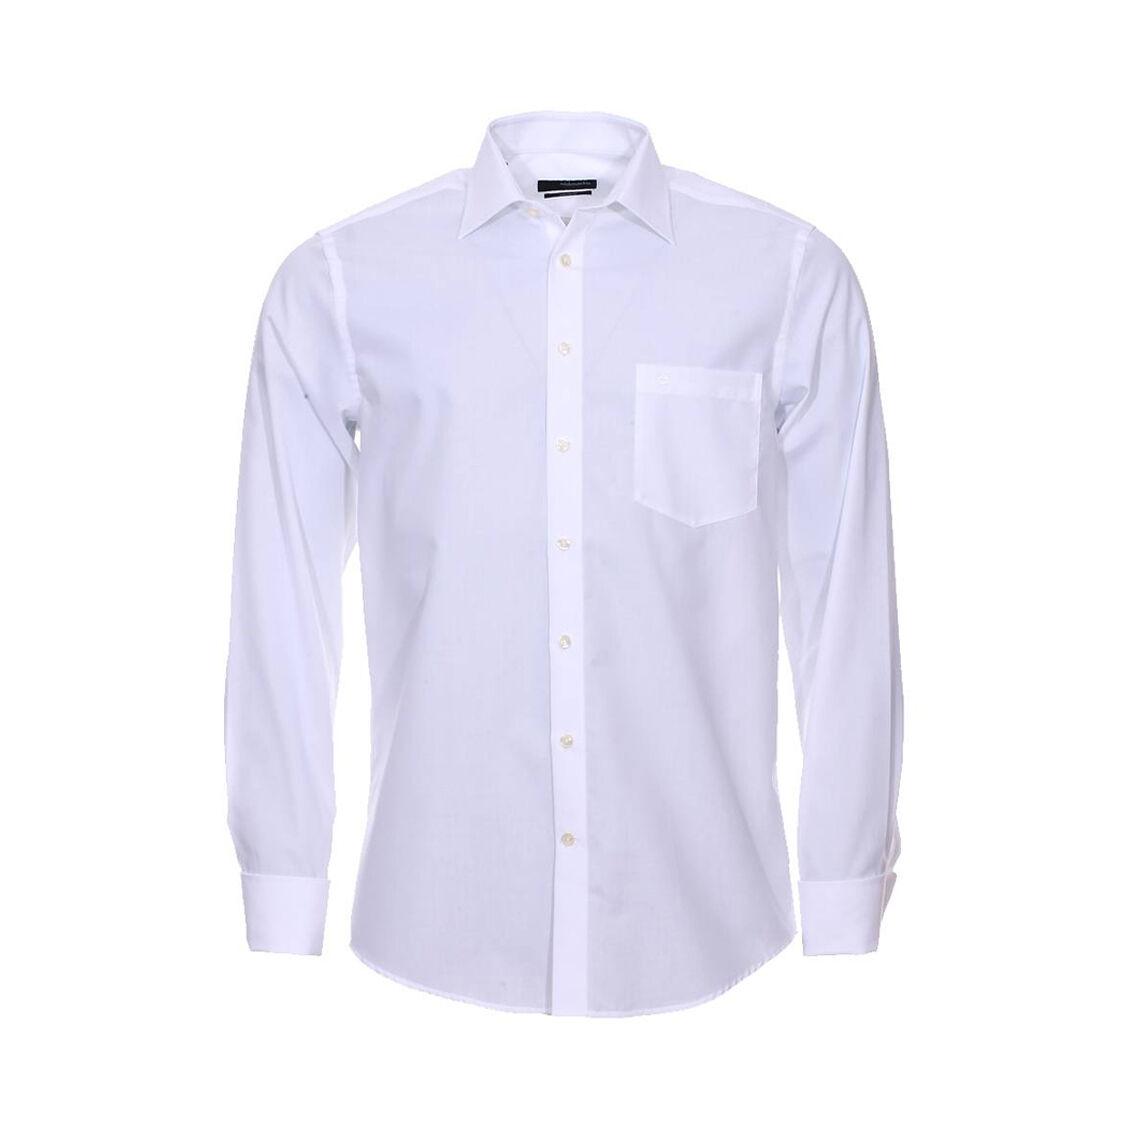 Seidensticker Chemise droite Seidensticker en coton blanc à poignets mousquetaires Sans repassage - BLANC - 42